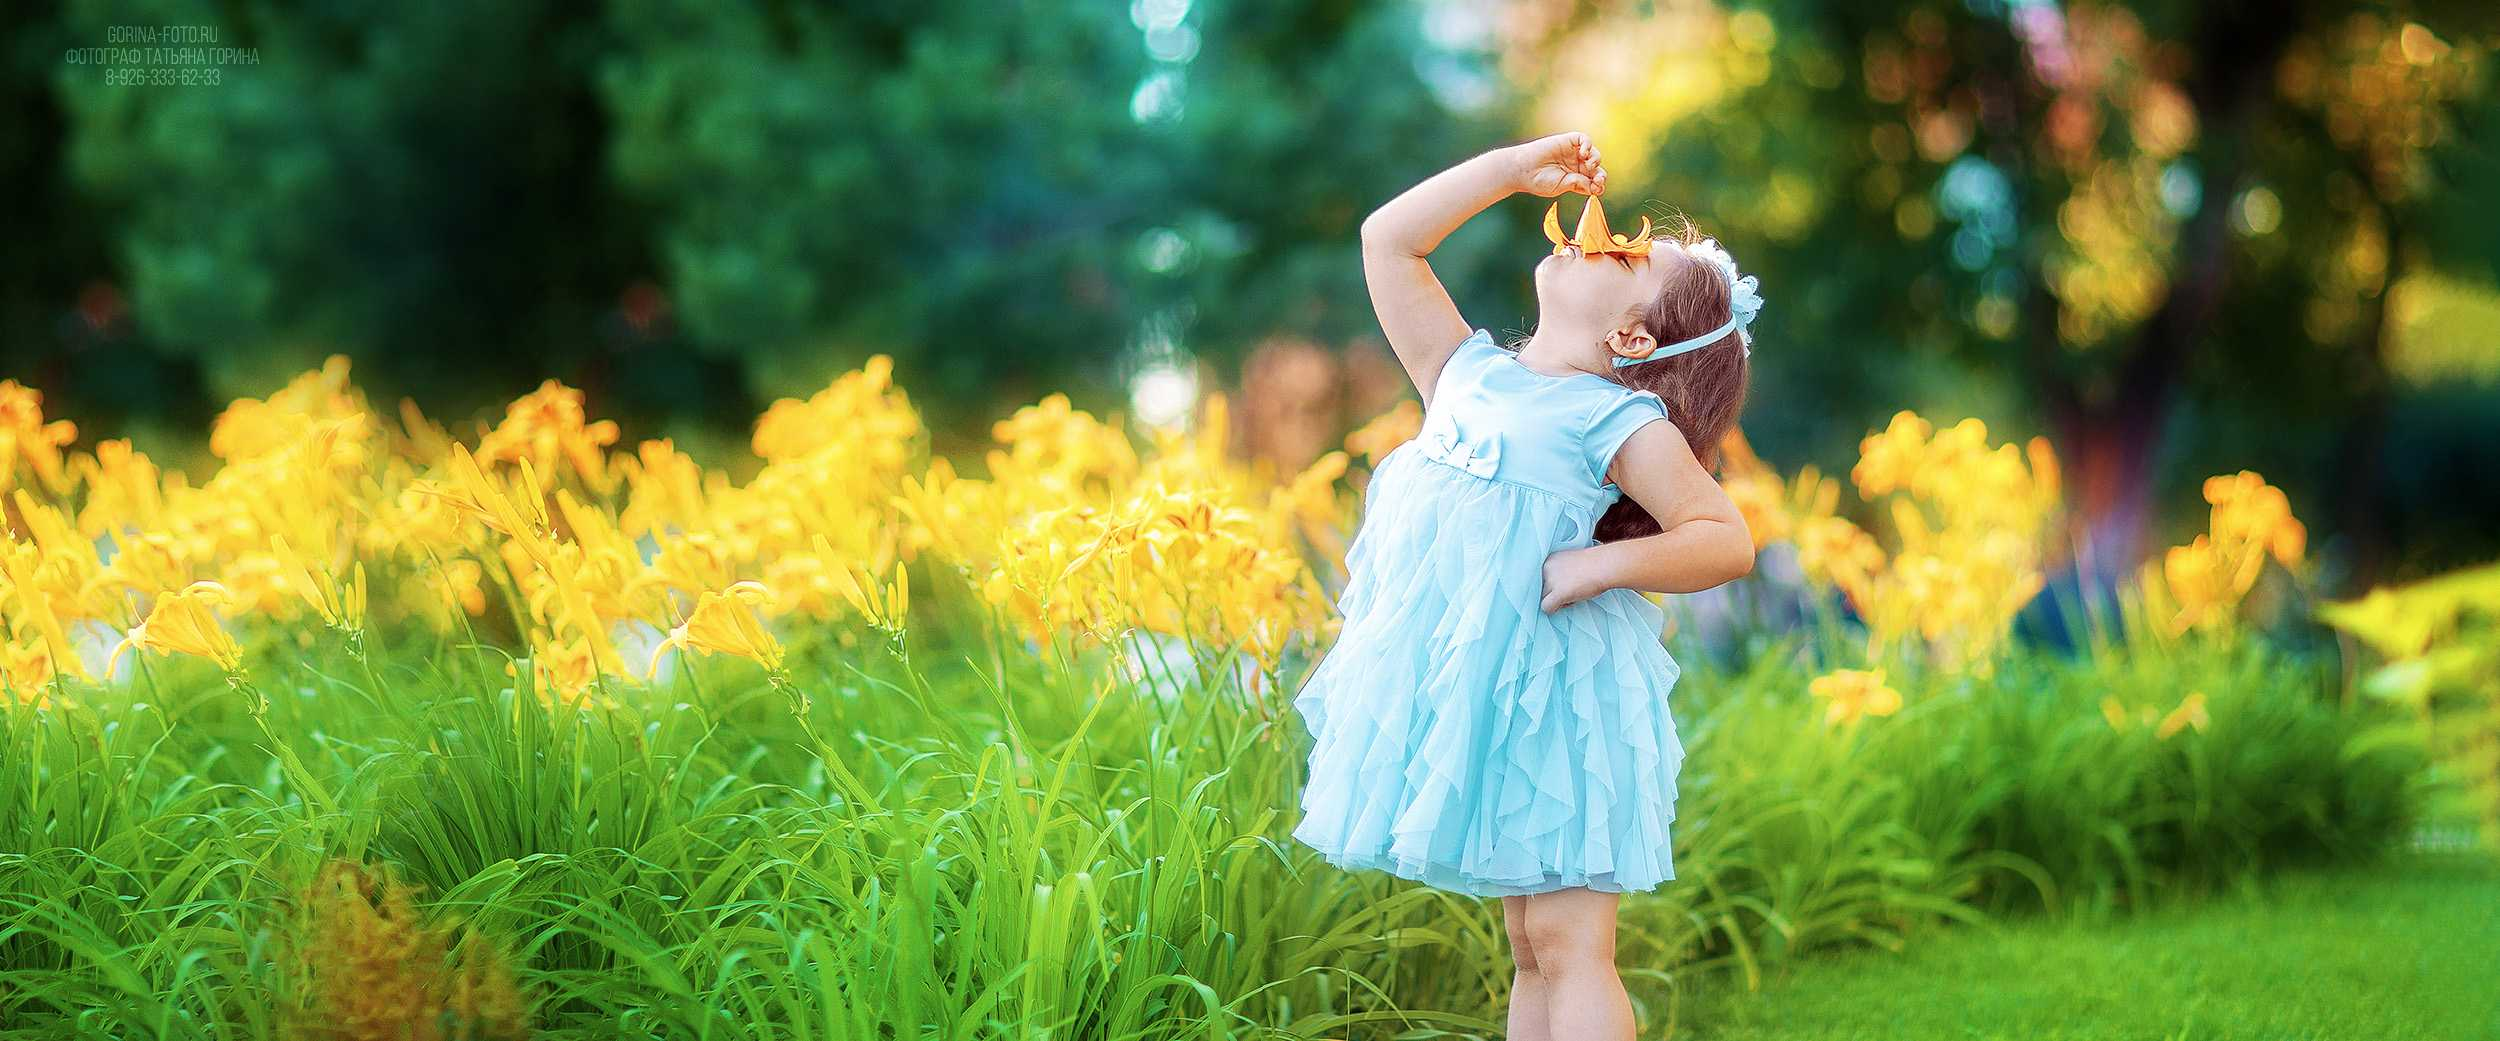 Весенние фотосессии. Детский и семейный фотограф Татьяна Горина.